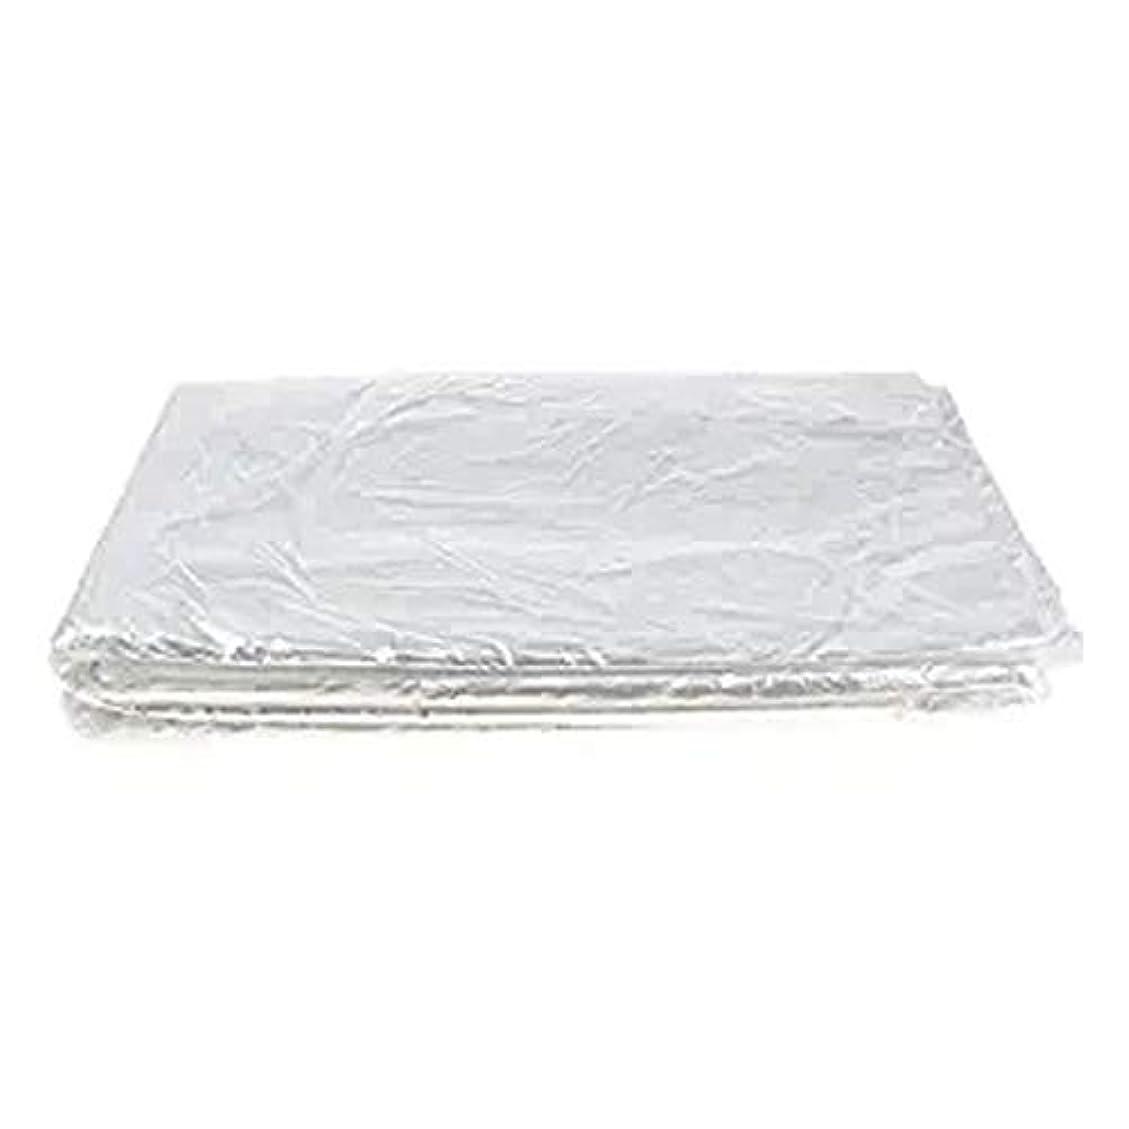 パラメータ粘土ネーピア200 x使い捨てケープヘアサロンショールプラスチック防水ヘアトリミングツール60 x 90 cm理髪店または家庭用